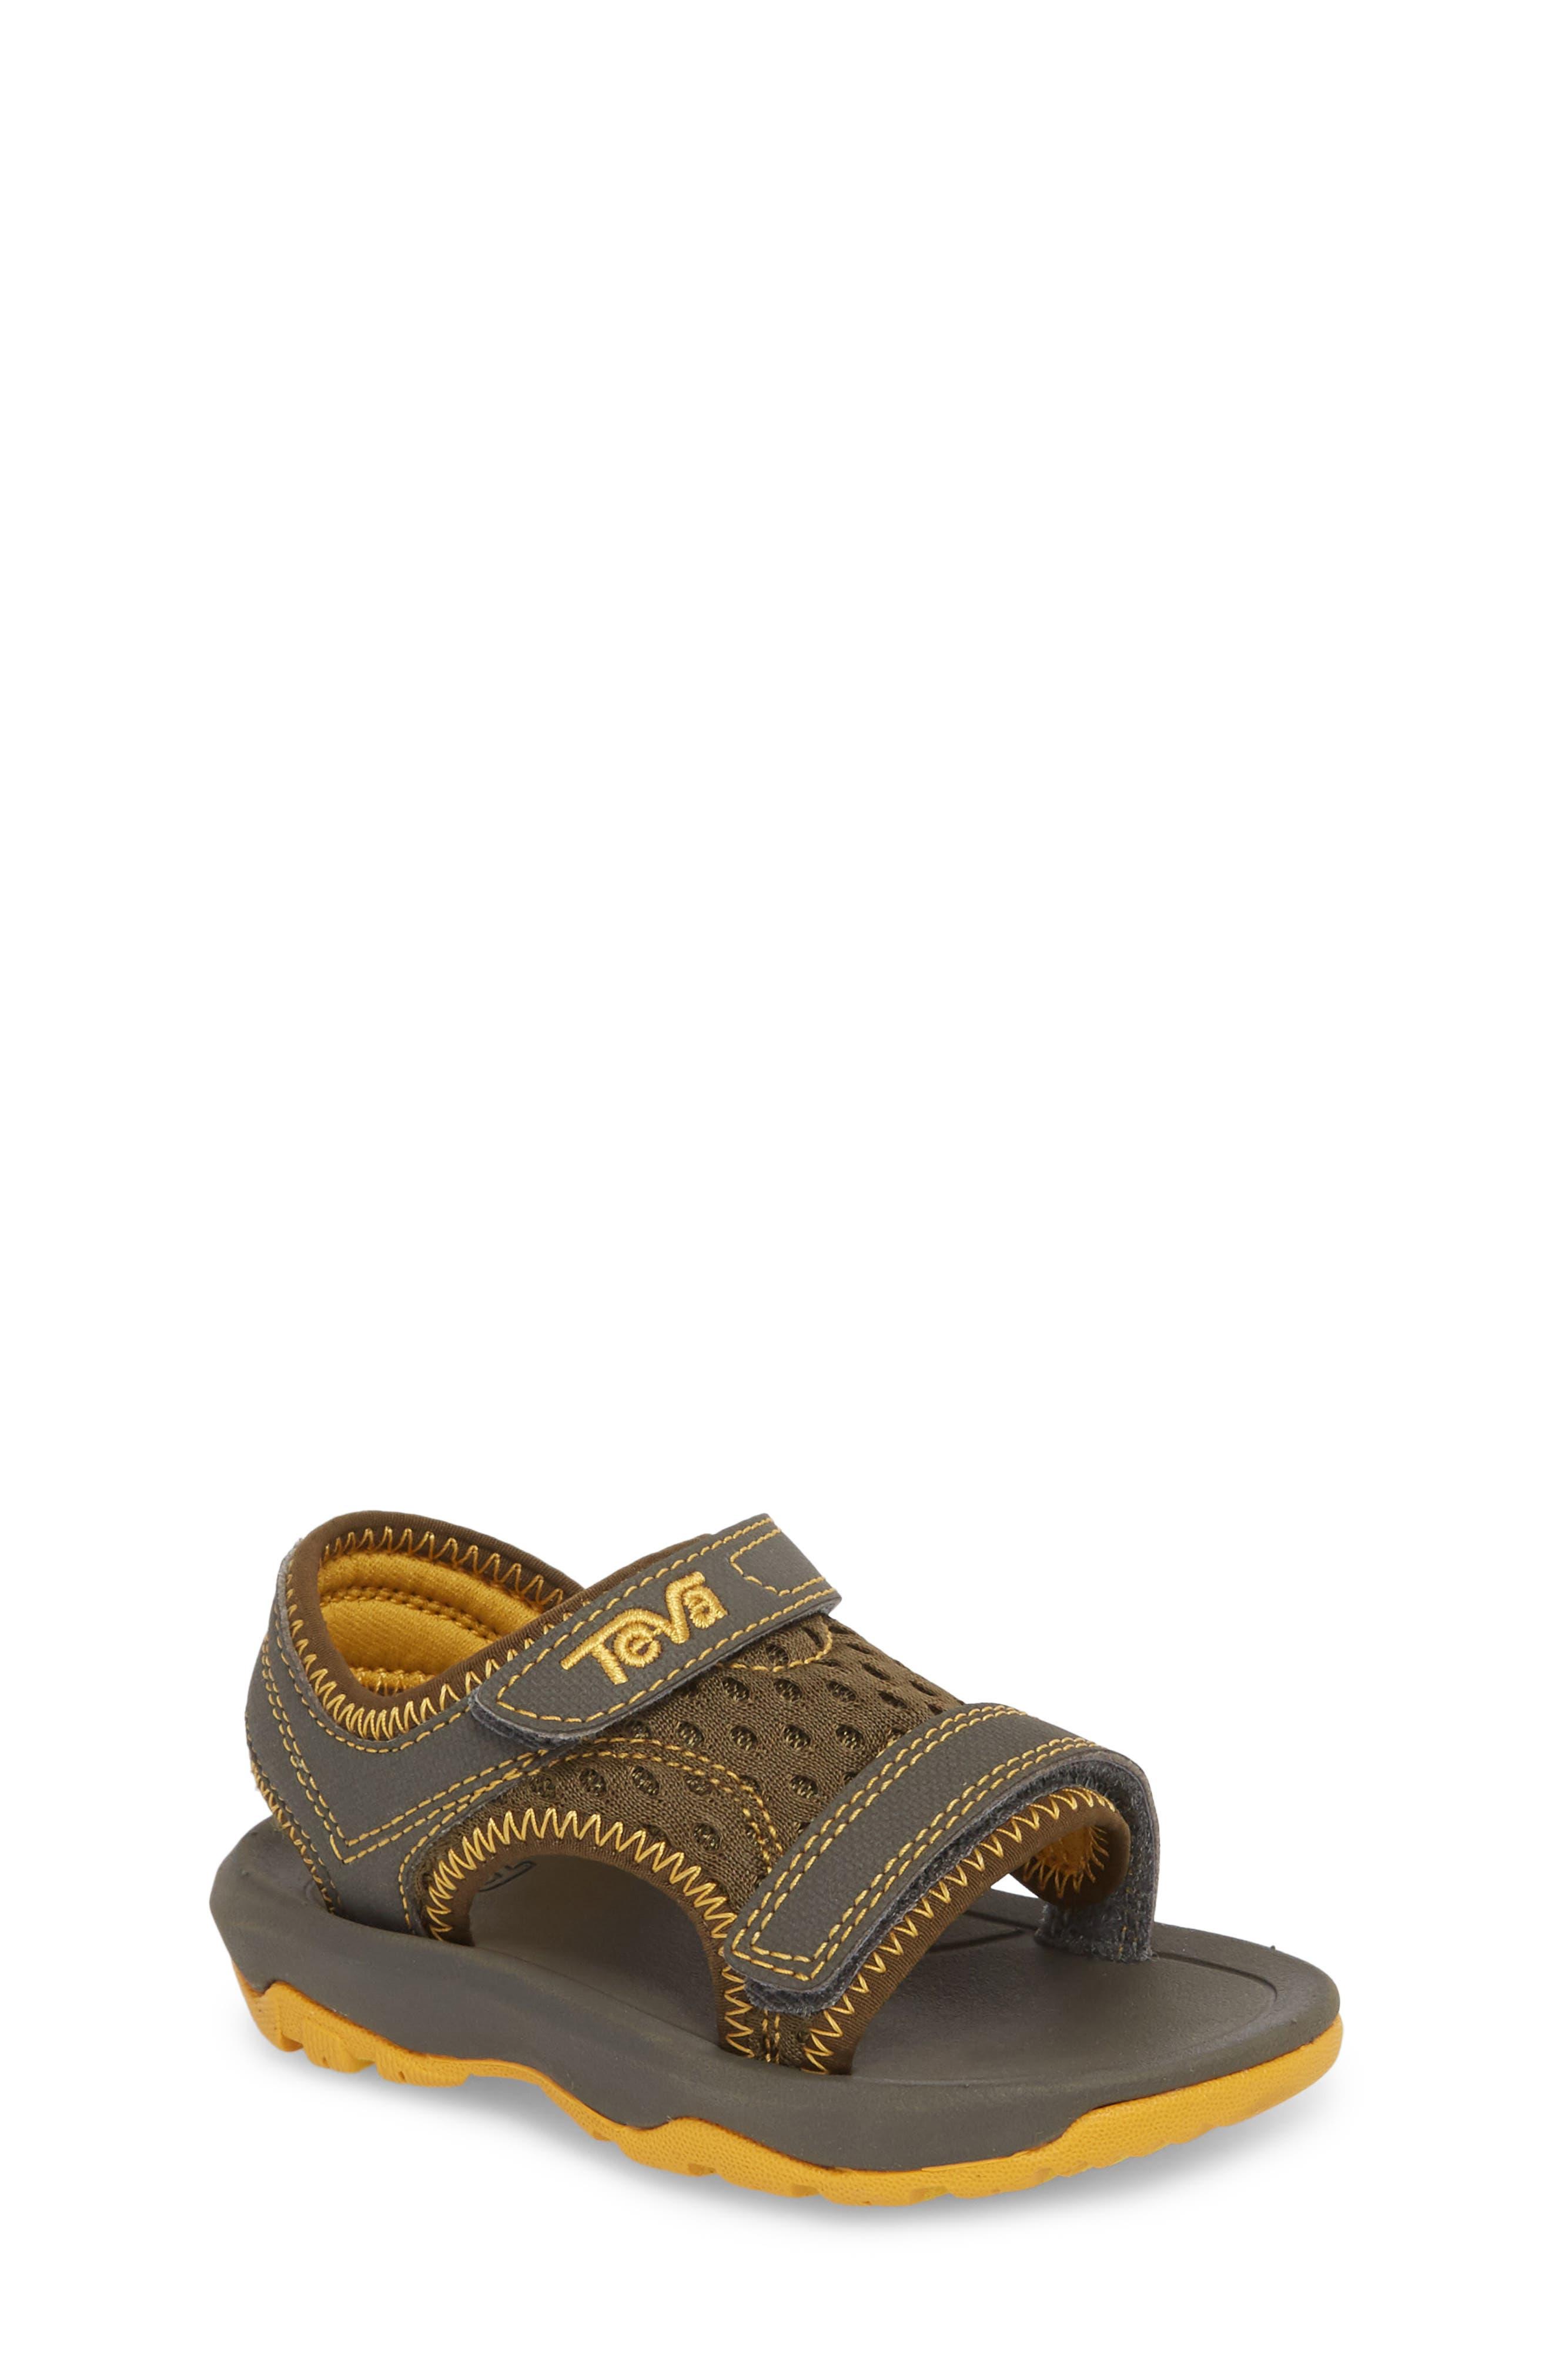 Psyclone XLT Sandal,                         Main,                         color, Dark Olive